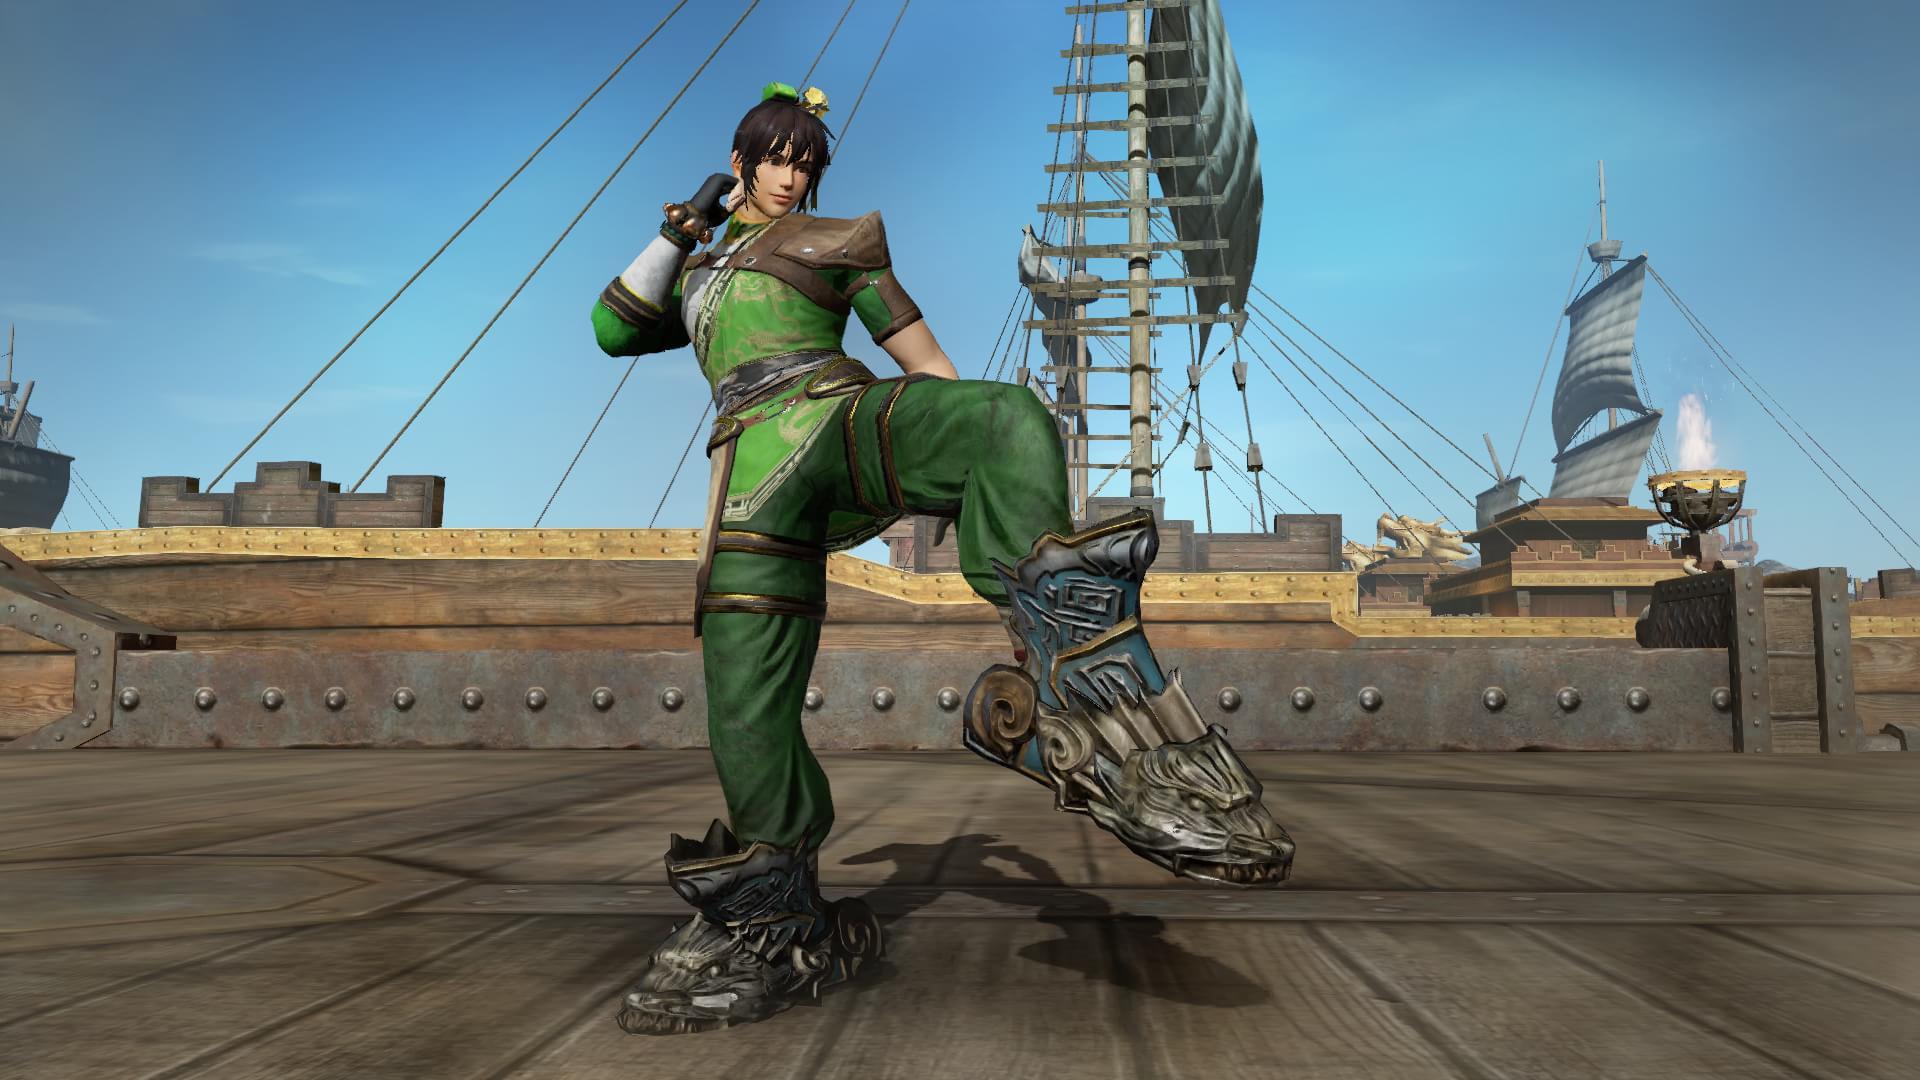 Dynasty Warriors 8: Empires agora sai em 24 de fevereiro [galeria] [vídeo]